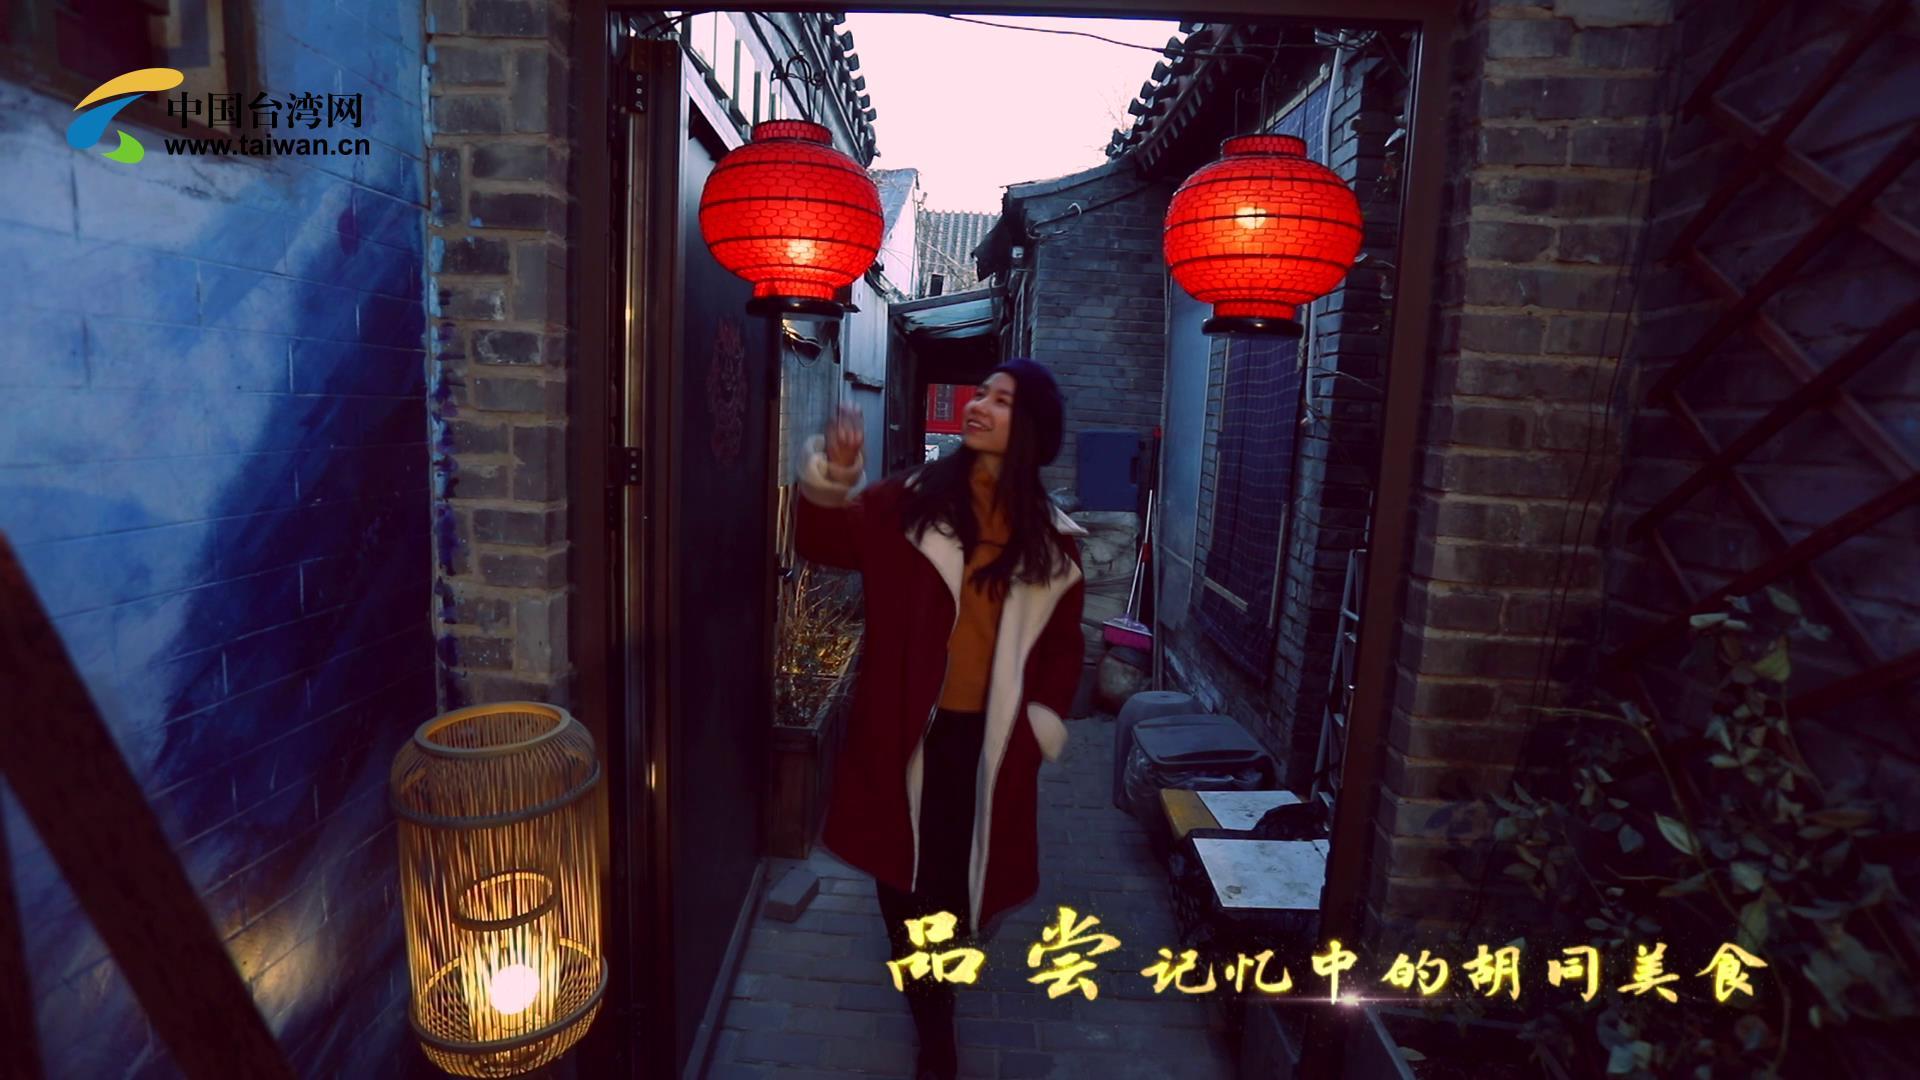 台湾网春节特辑:我在大陆过大年图片